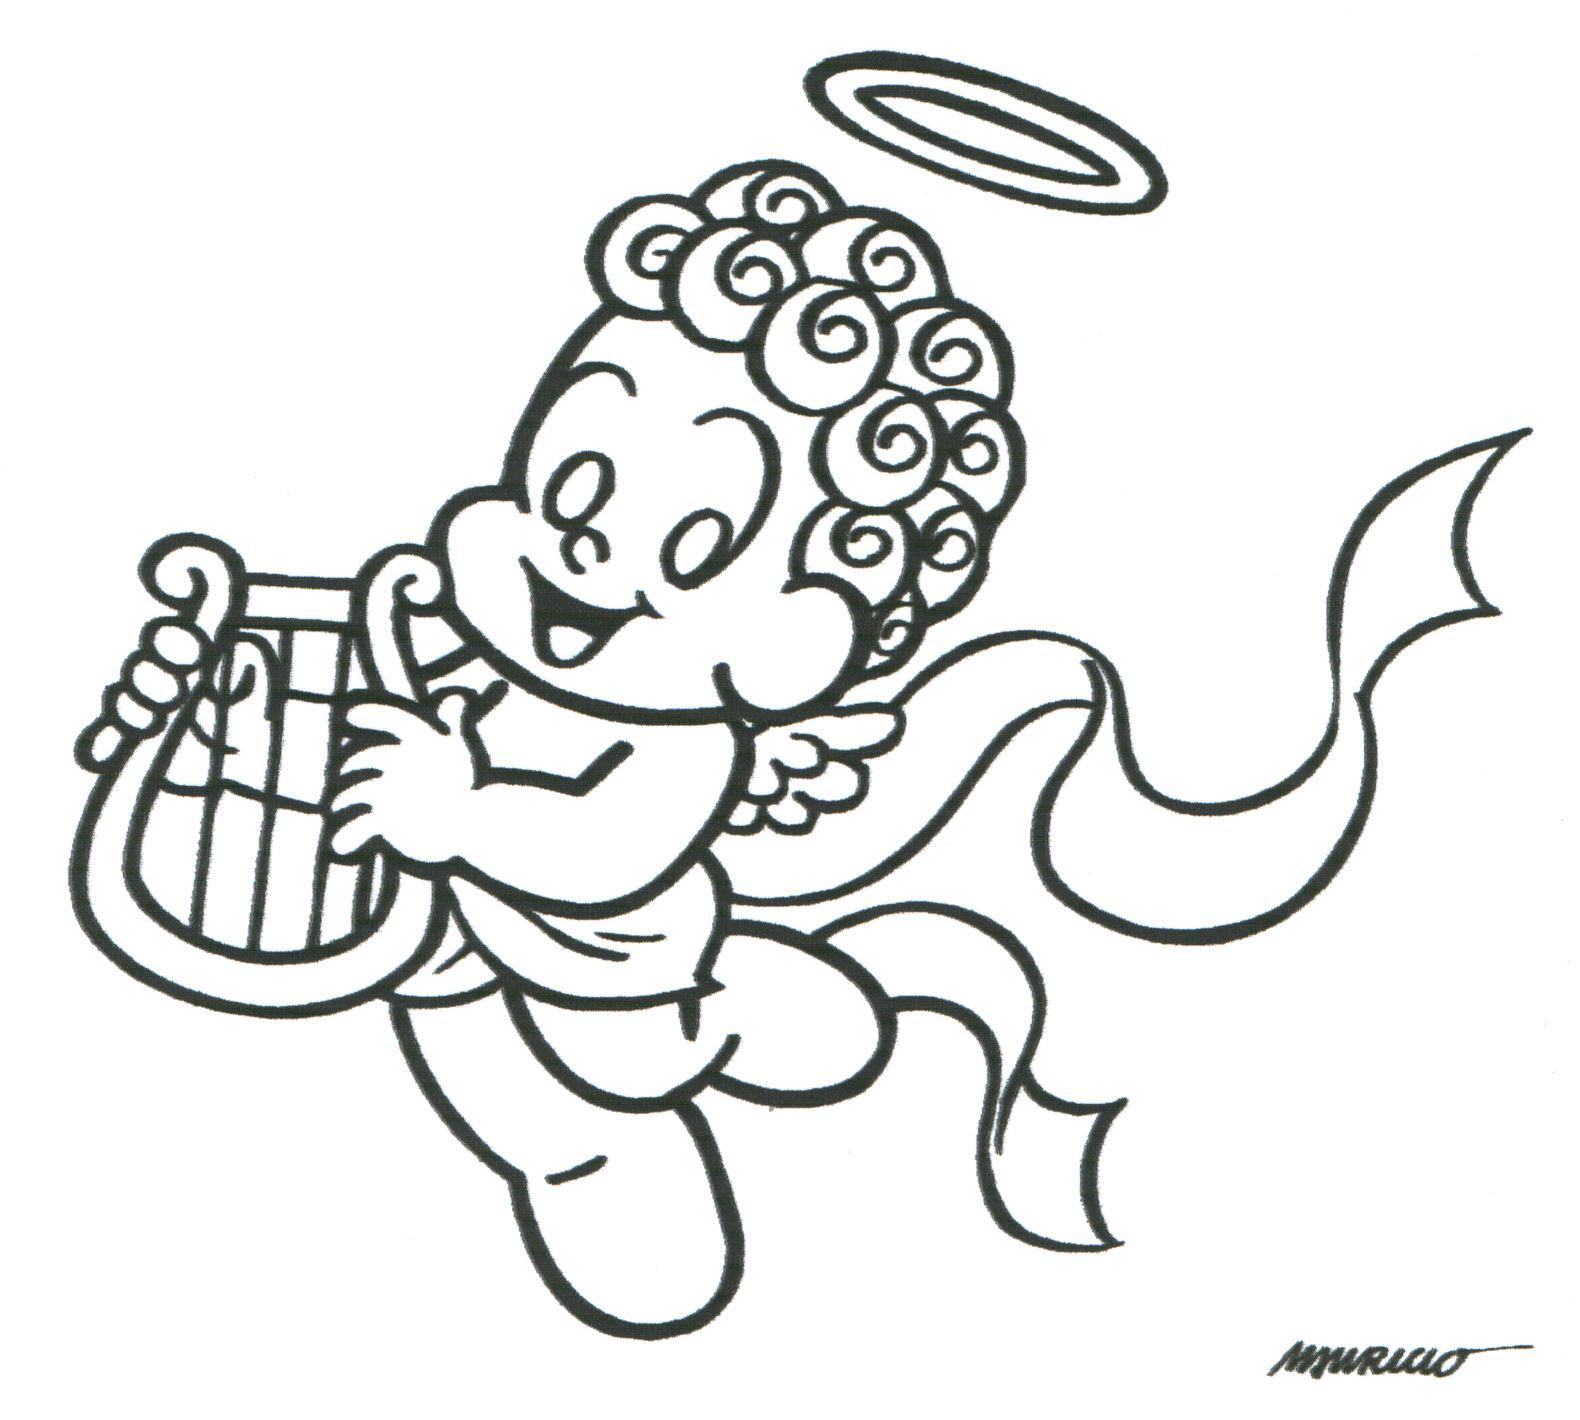 Desenhos Para Colori turma da monica em festas de natal desenhar